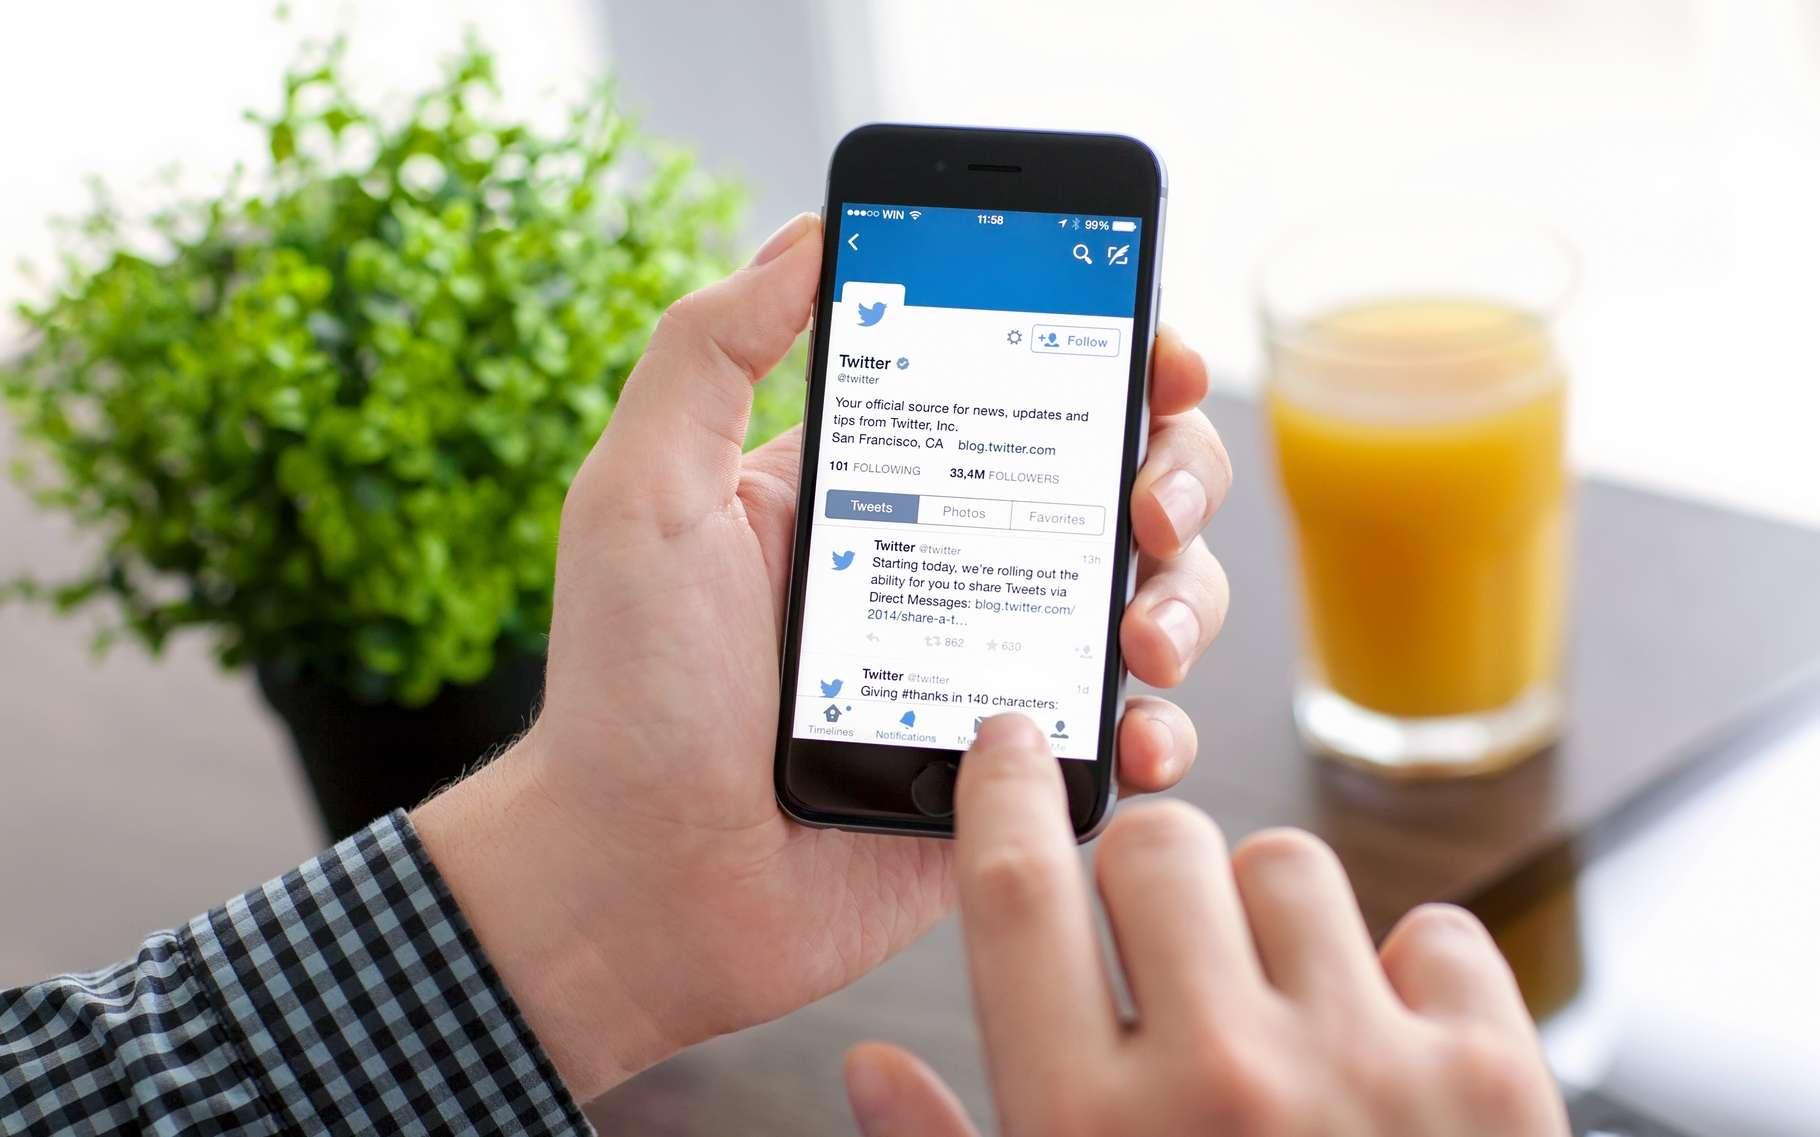 L'analyse de messages Twitter par un algorithme d'apprentissage automatique peut livrer des informations étonnantes de précision notamment en ce qui concerne votre consommation d'alcool. © Denys Prykhodov, Shutterstock